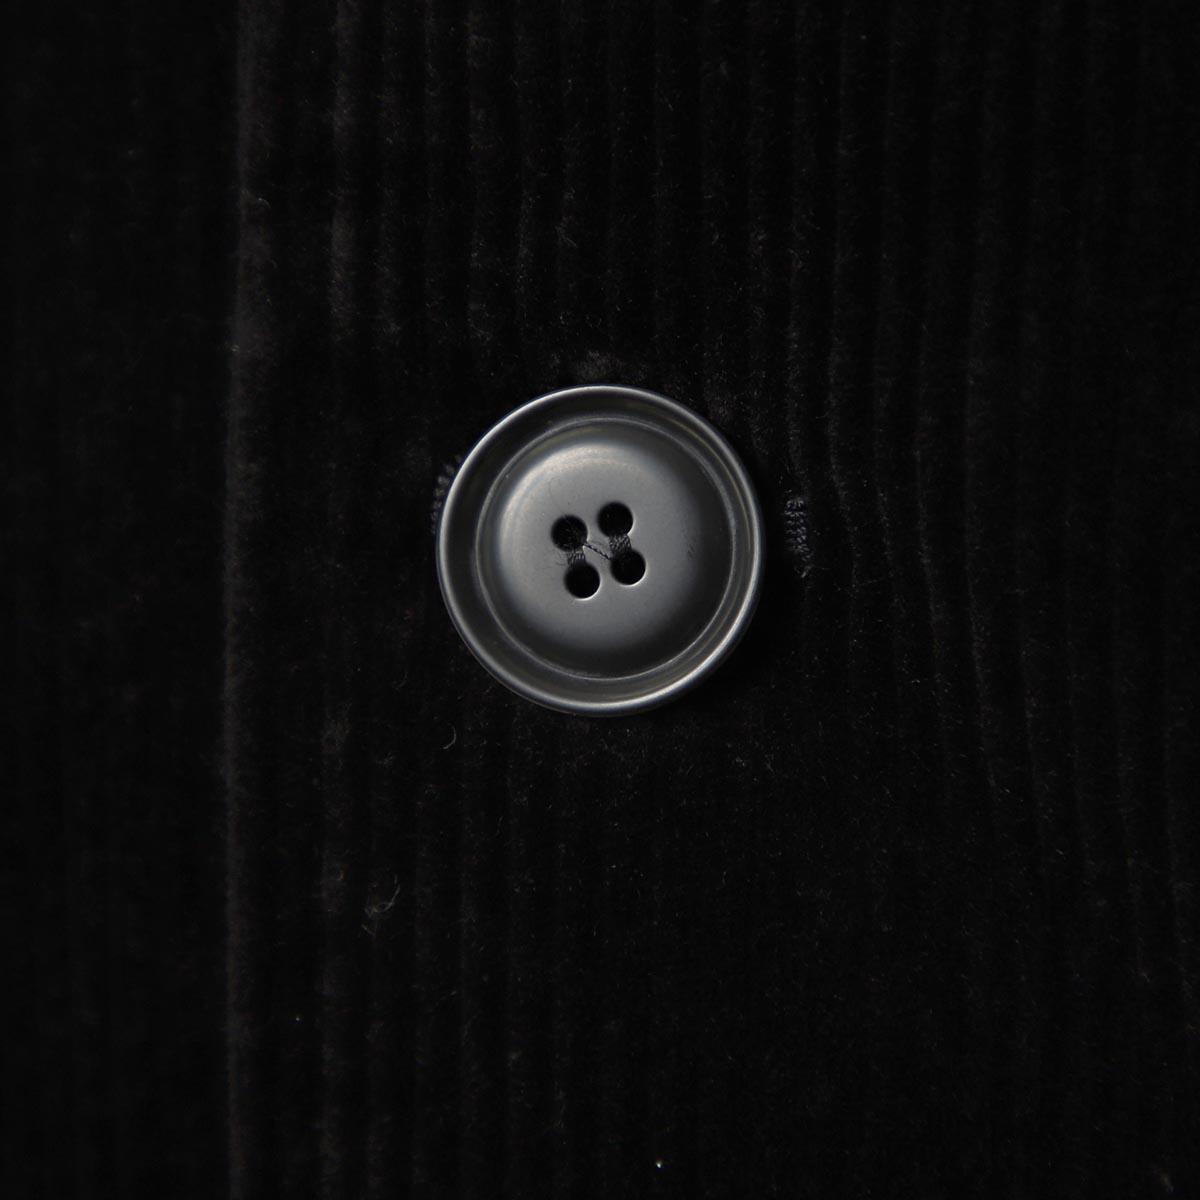 【アウトレット】【タイムセール TOPS】ASPESI アスペジ ブルゾン/TIGRE II CORDUROY JACKET メンズ